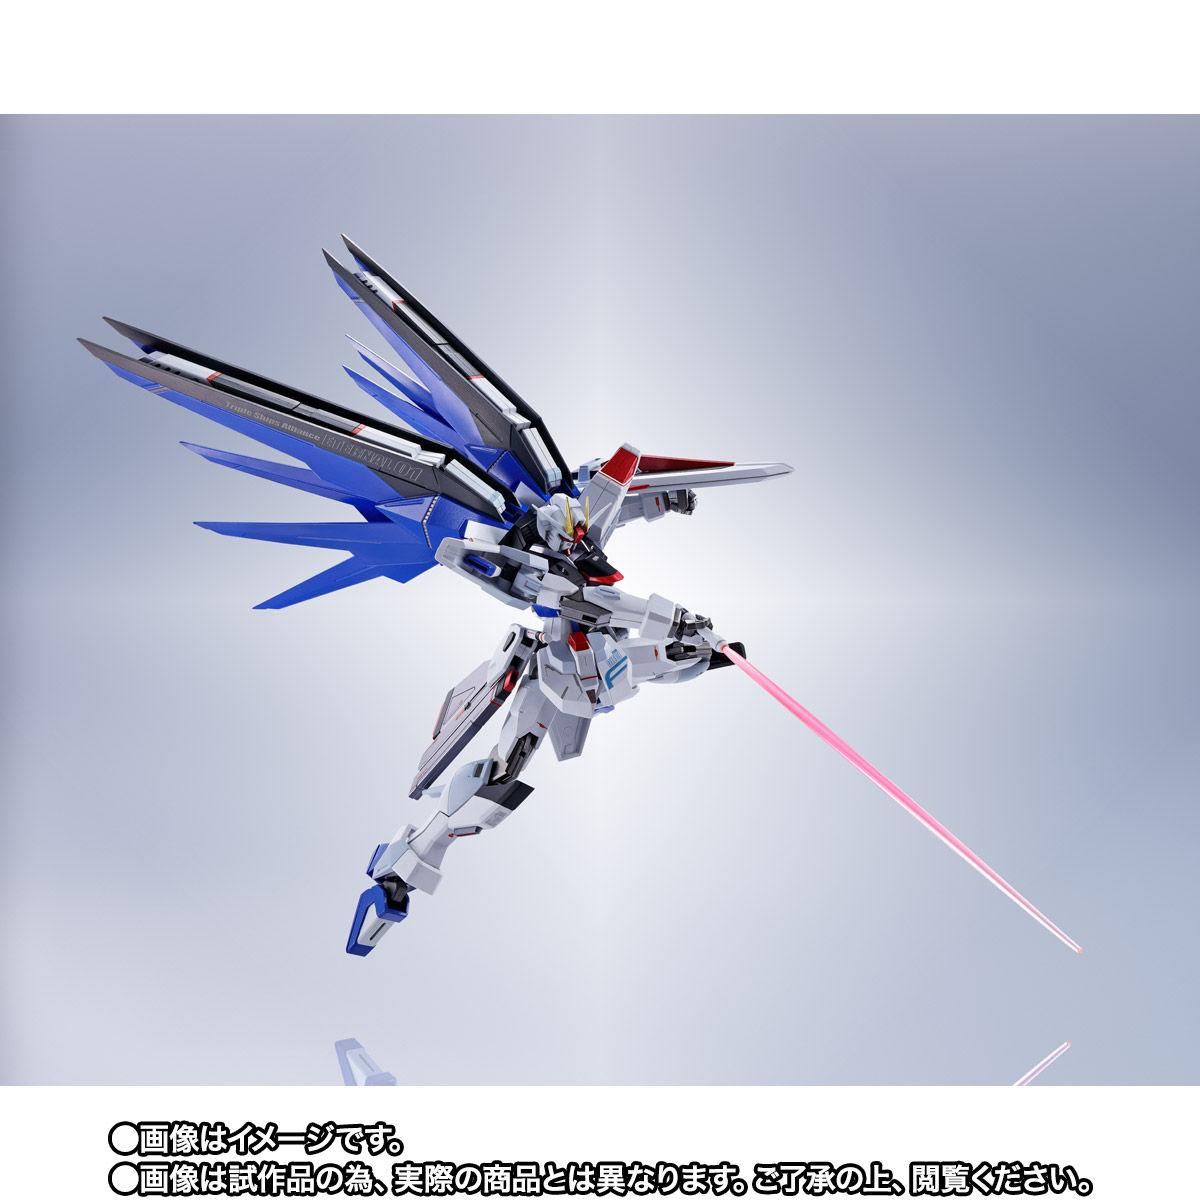 【限定販売】METAL ROBOT魂〈SIDE MS〉『フリーダムガンダム』ガンダムSEED 可動フィギュア-006